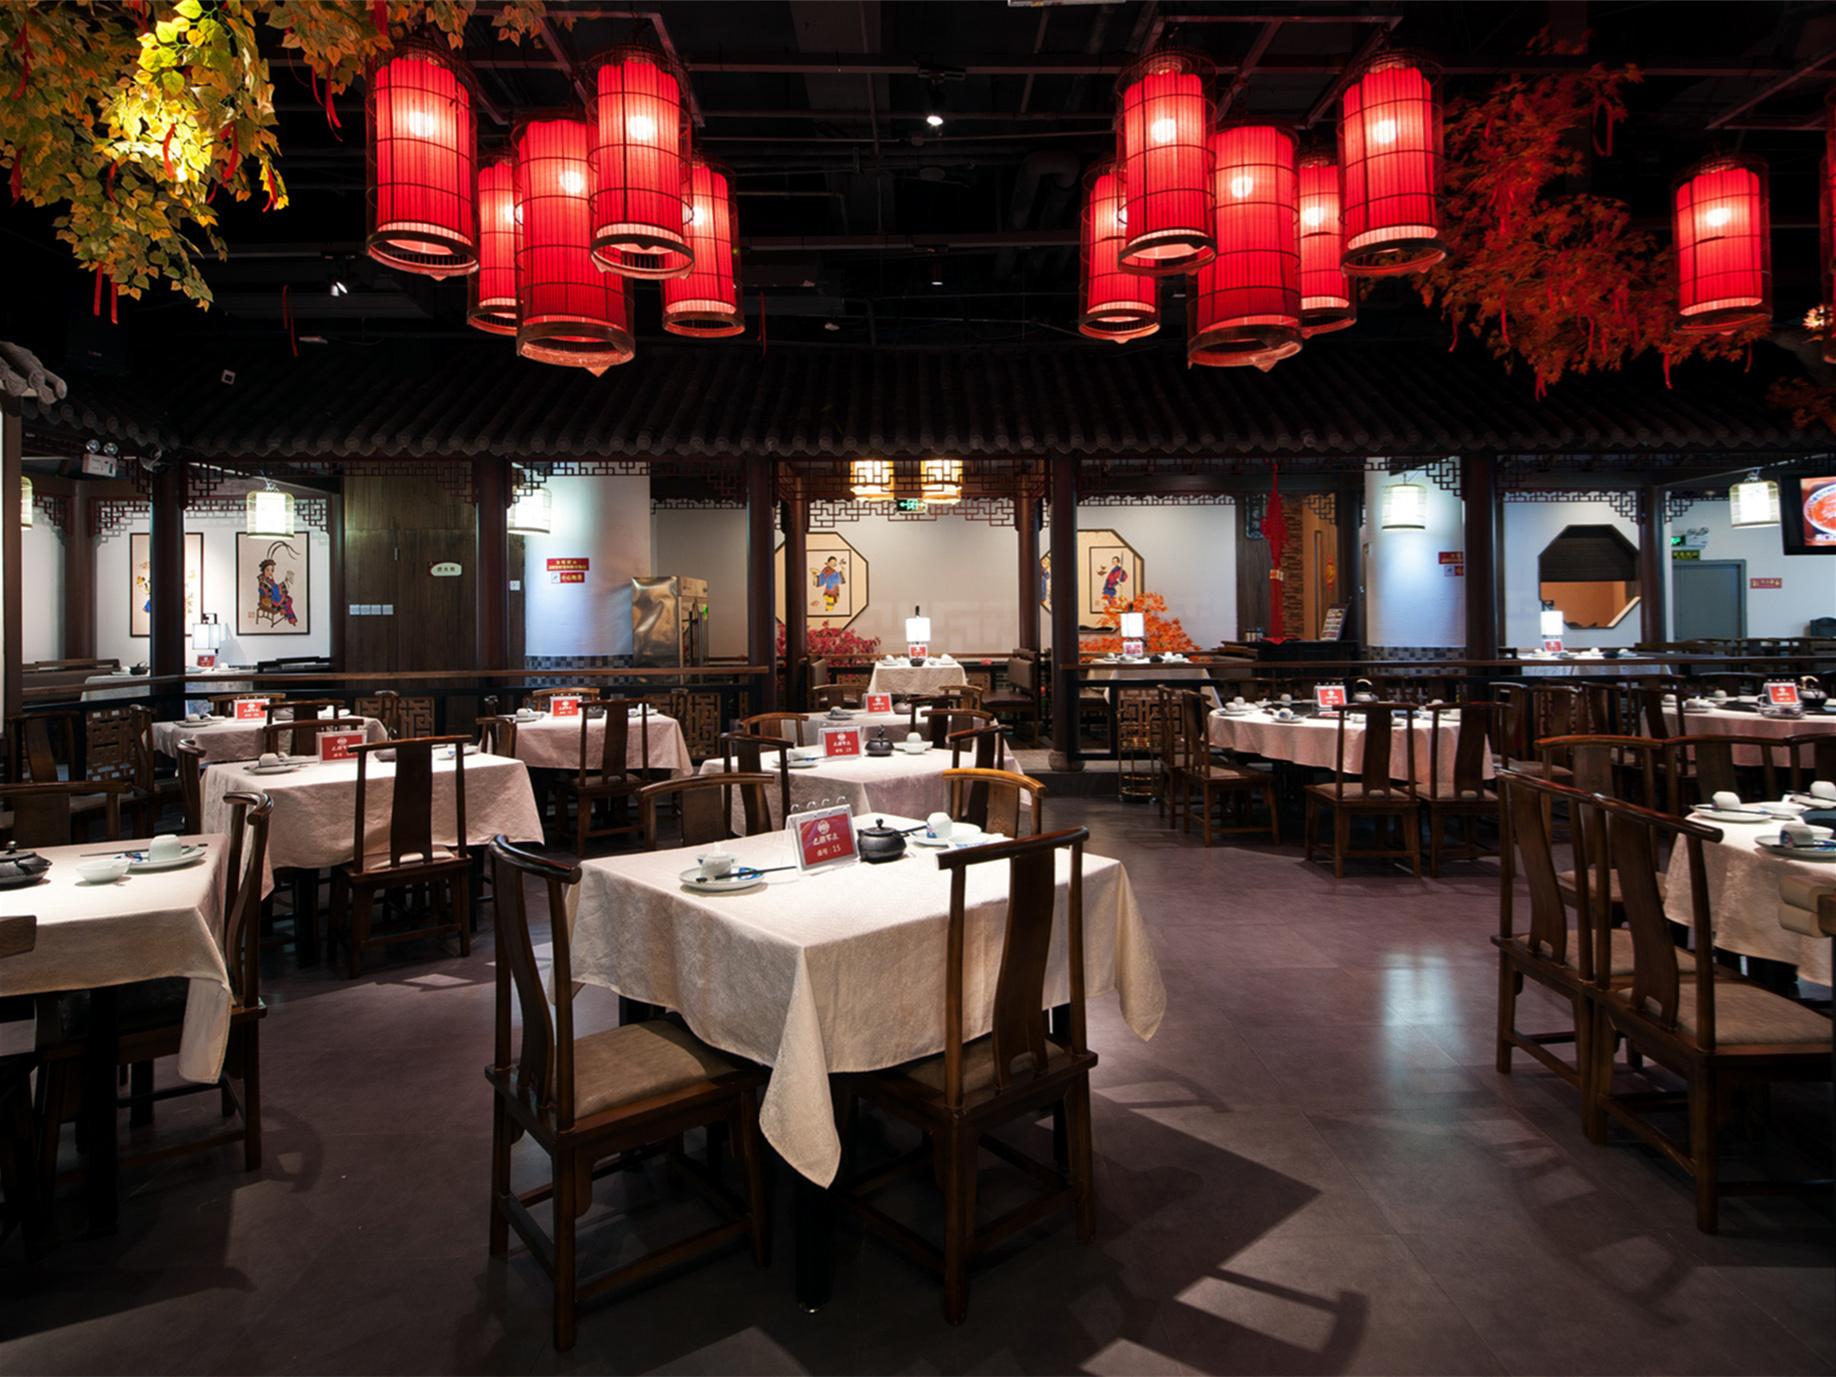 餐厅装饰设计要点,餐厅设计注意事项